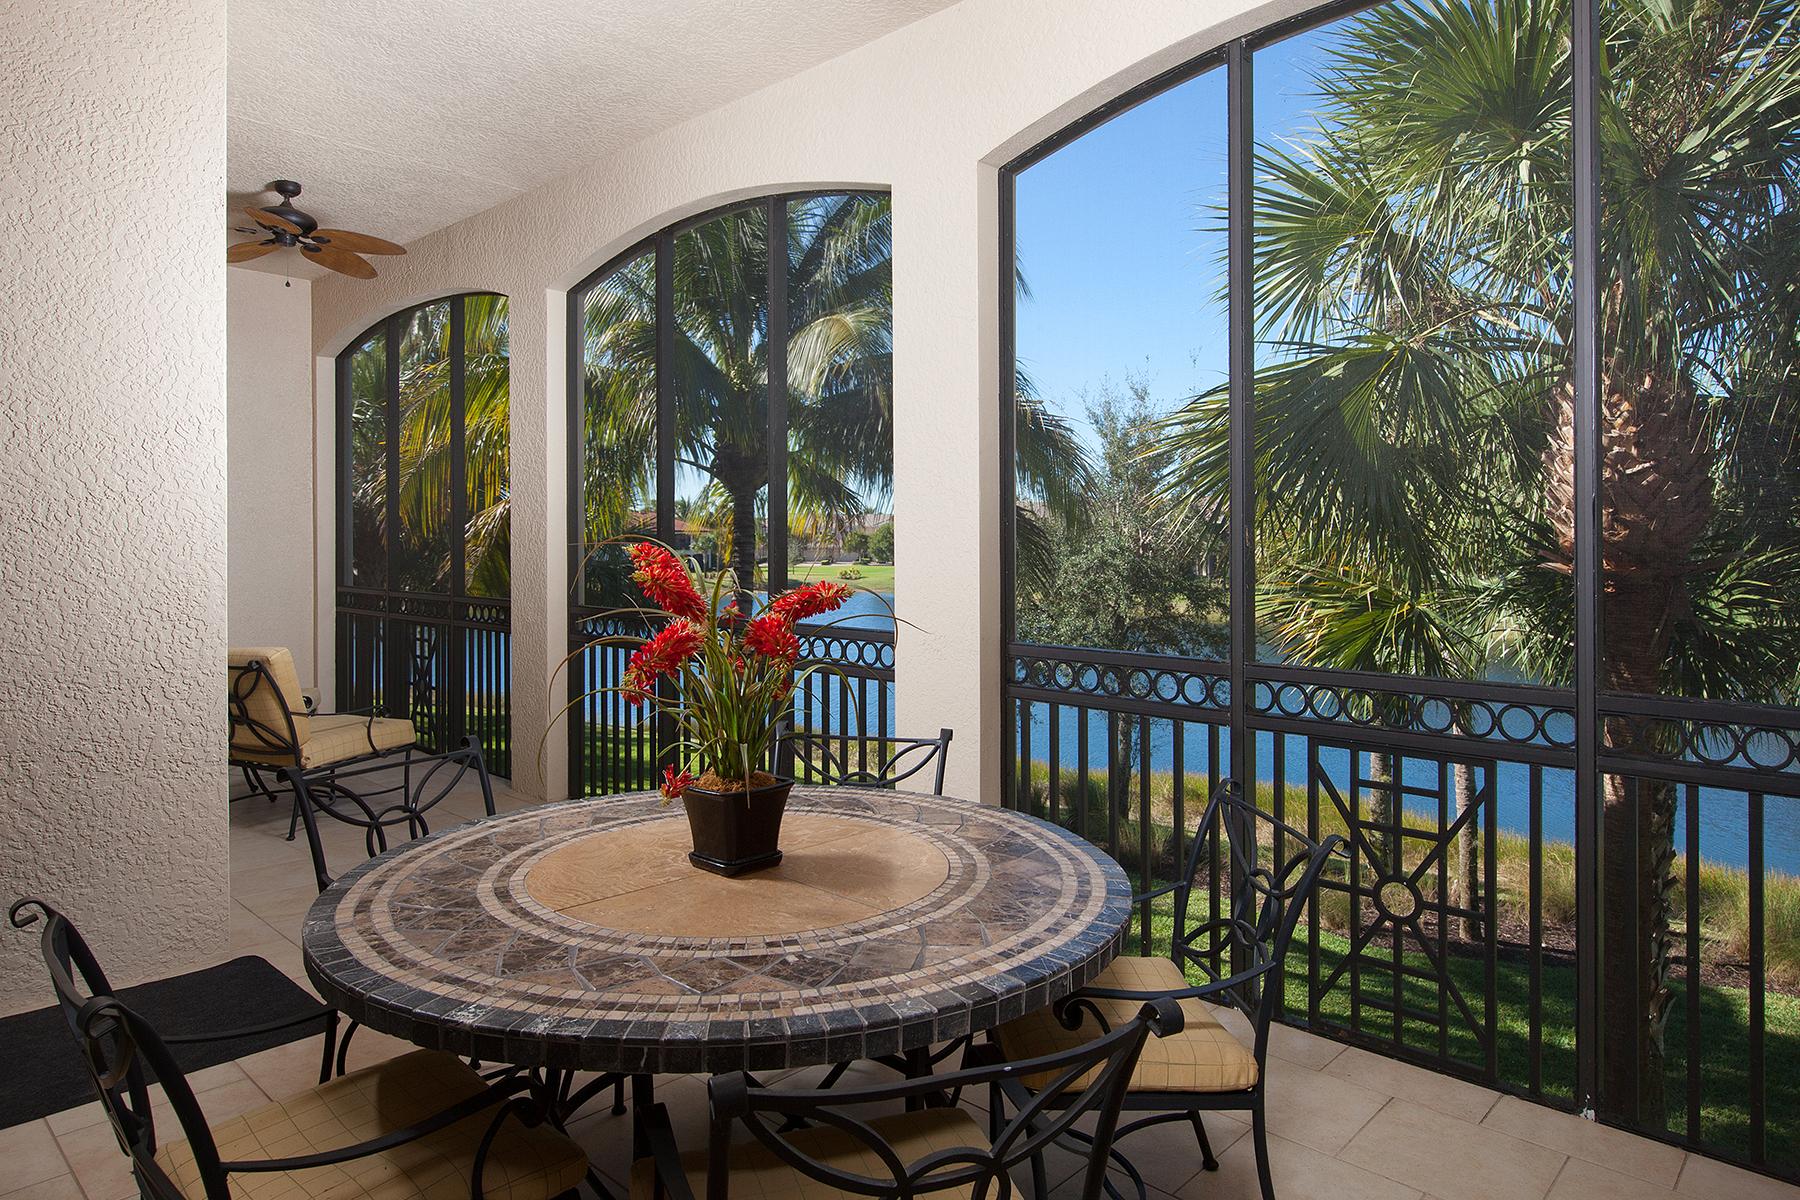 Eigentumswohnung für Verkauf beim FIDDLERS CREEK 3031 Marengo Ct 203 Naples, Florida, 34114 Vereinigte Staaten